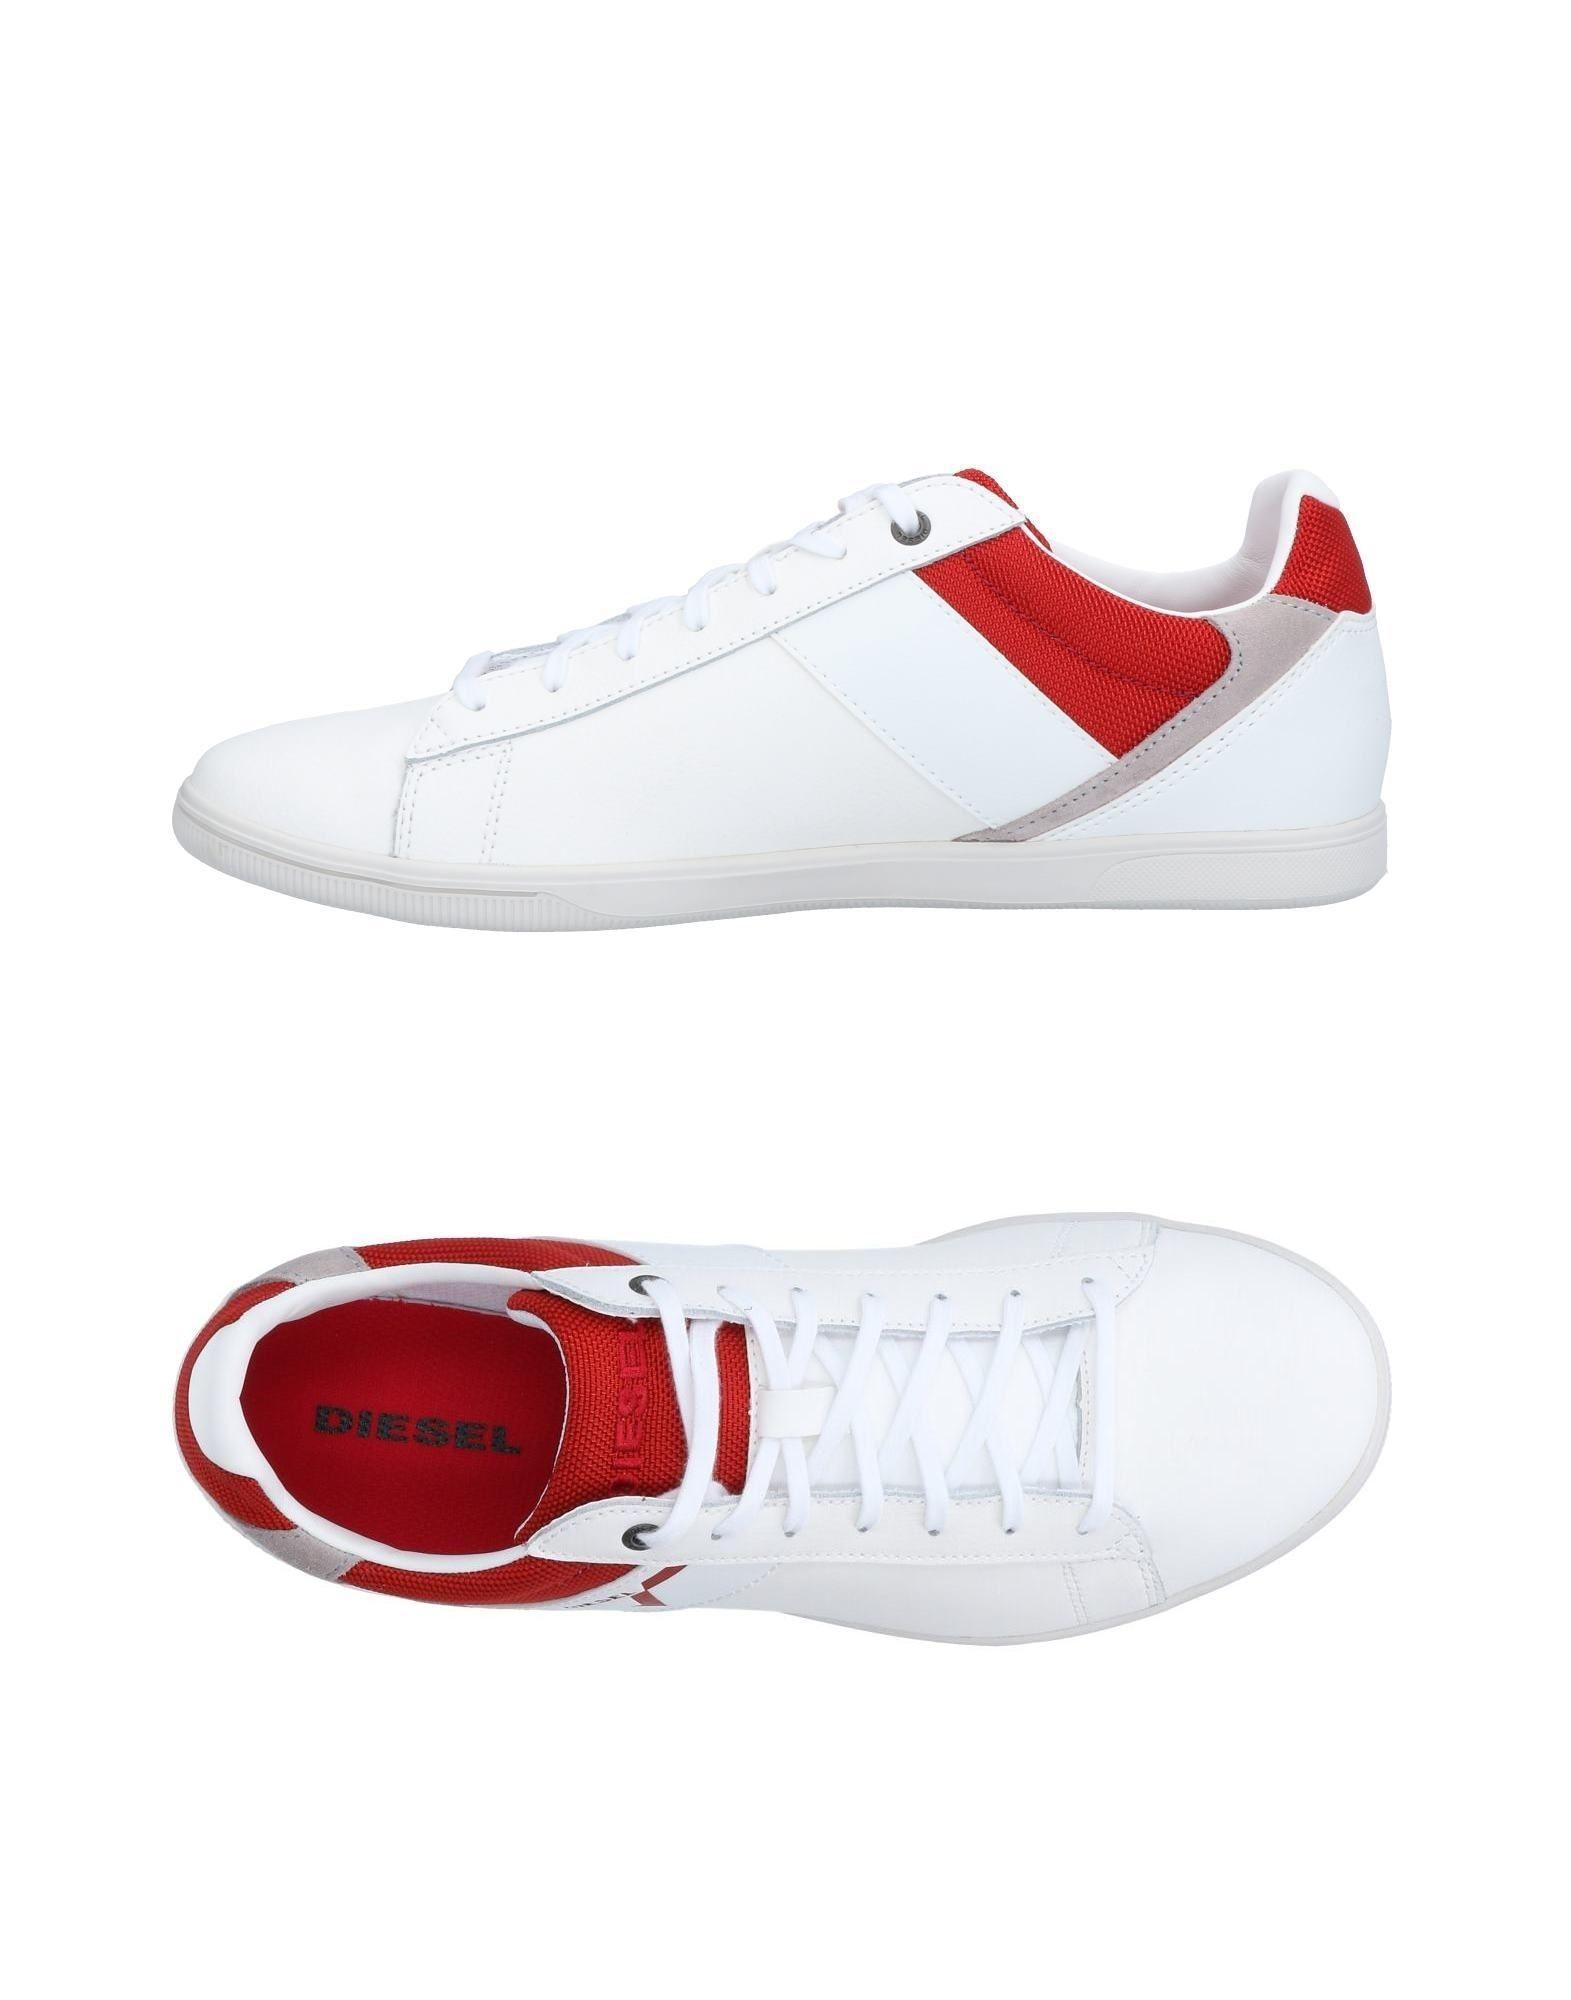 Diesel Sneakers Herren 11496795DT  11496795DT Herren Heiße Schuhe de2ceb